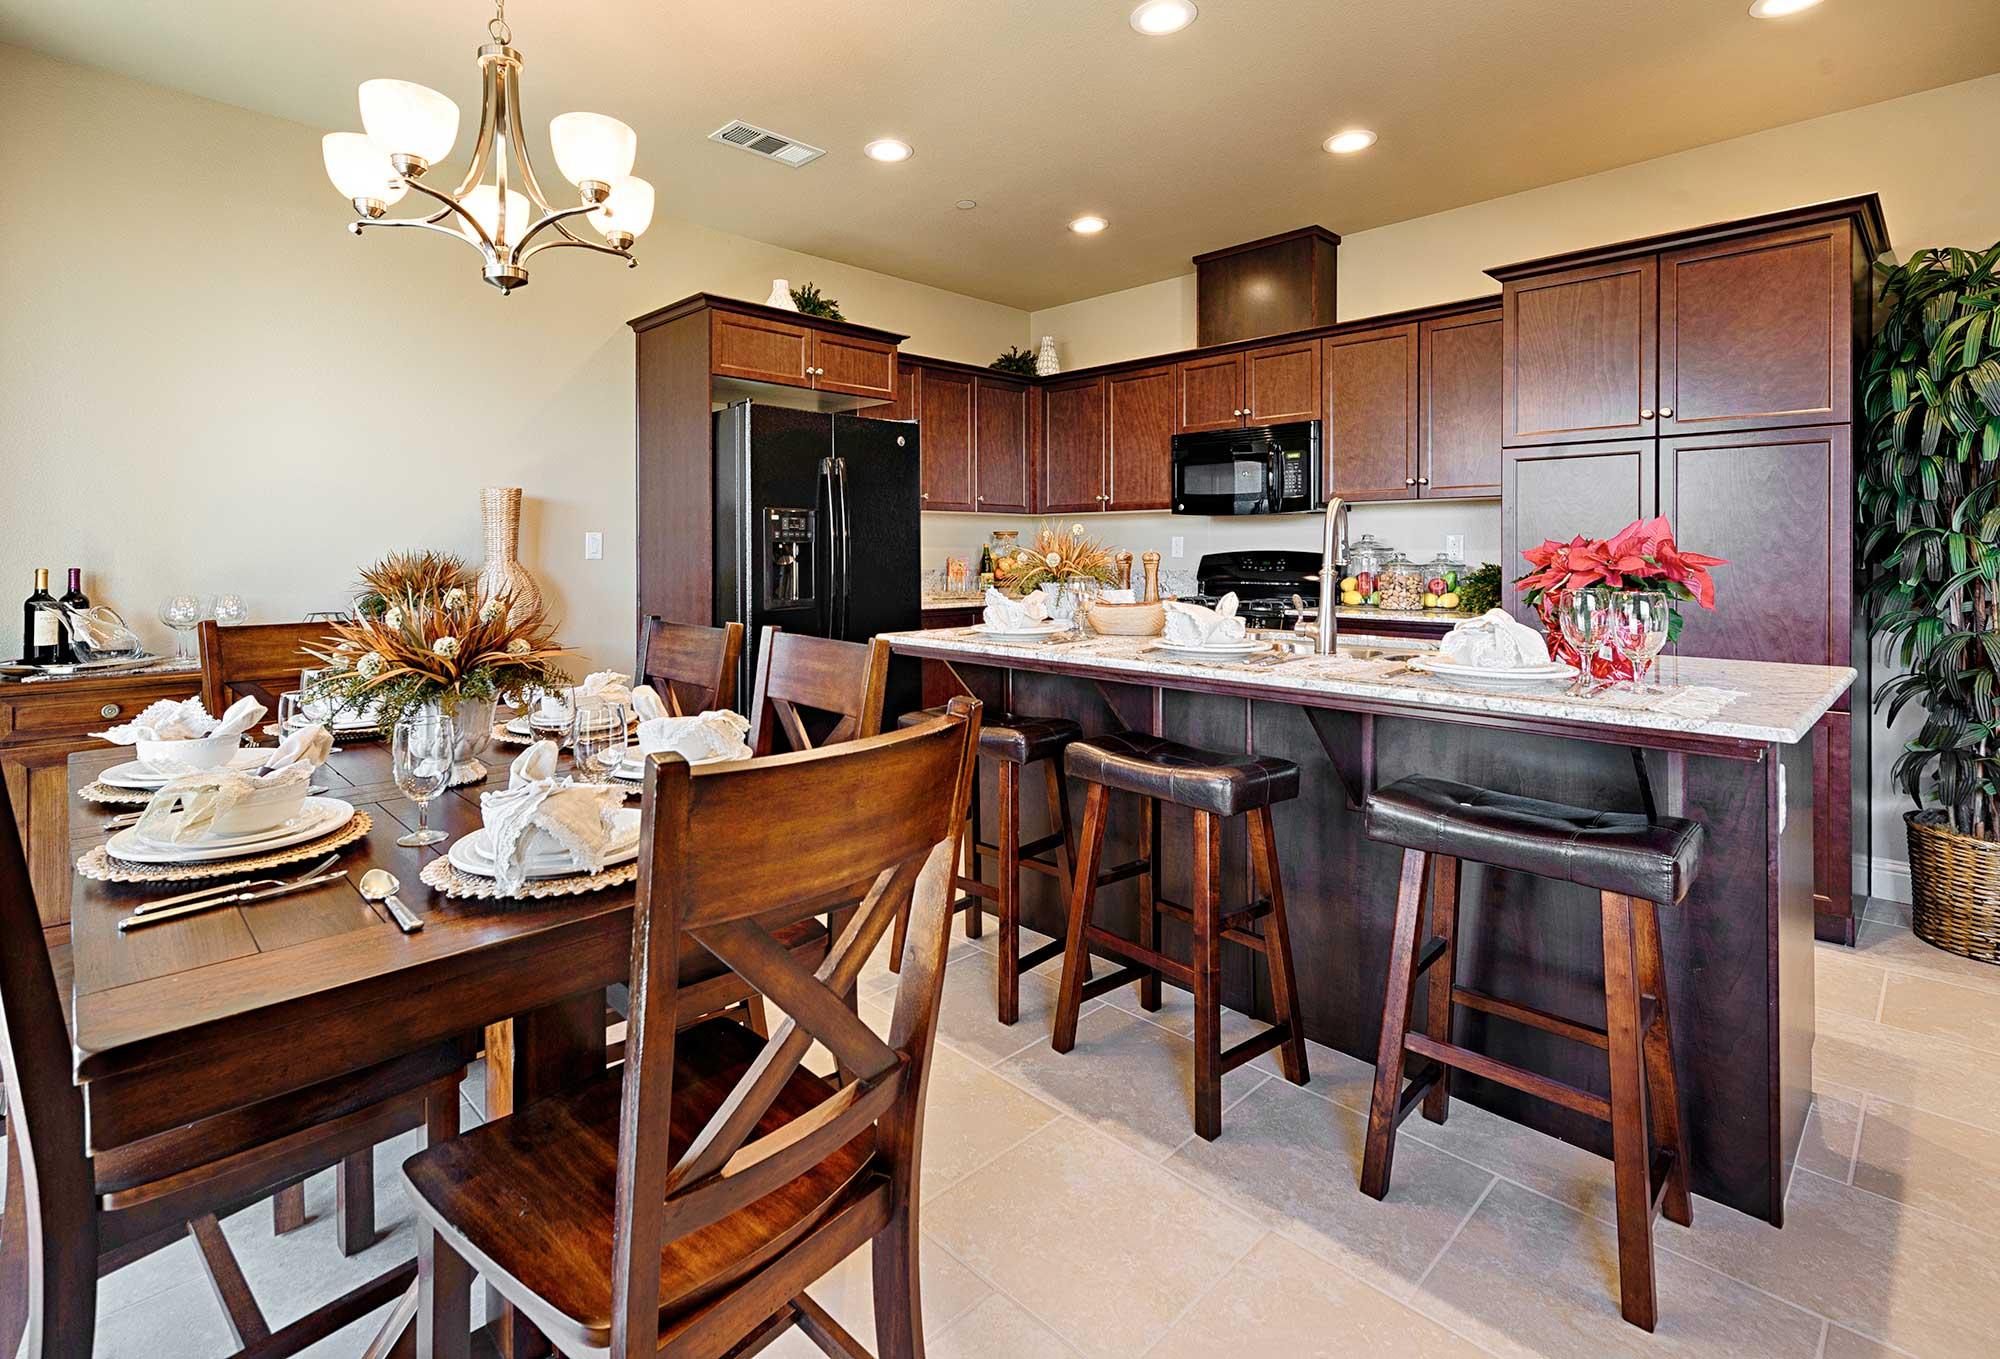 wathen-catanos-homes-buying-a-home